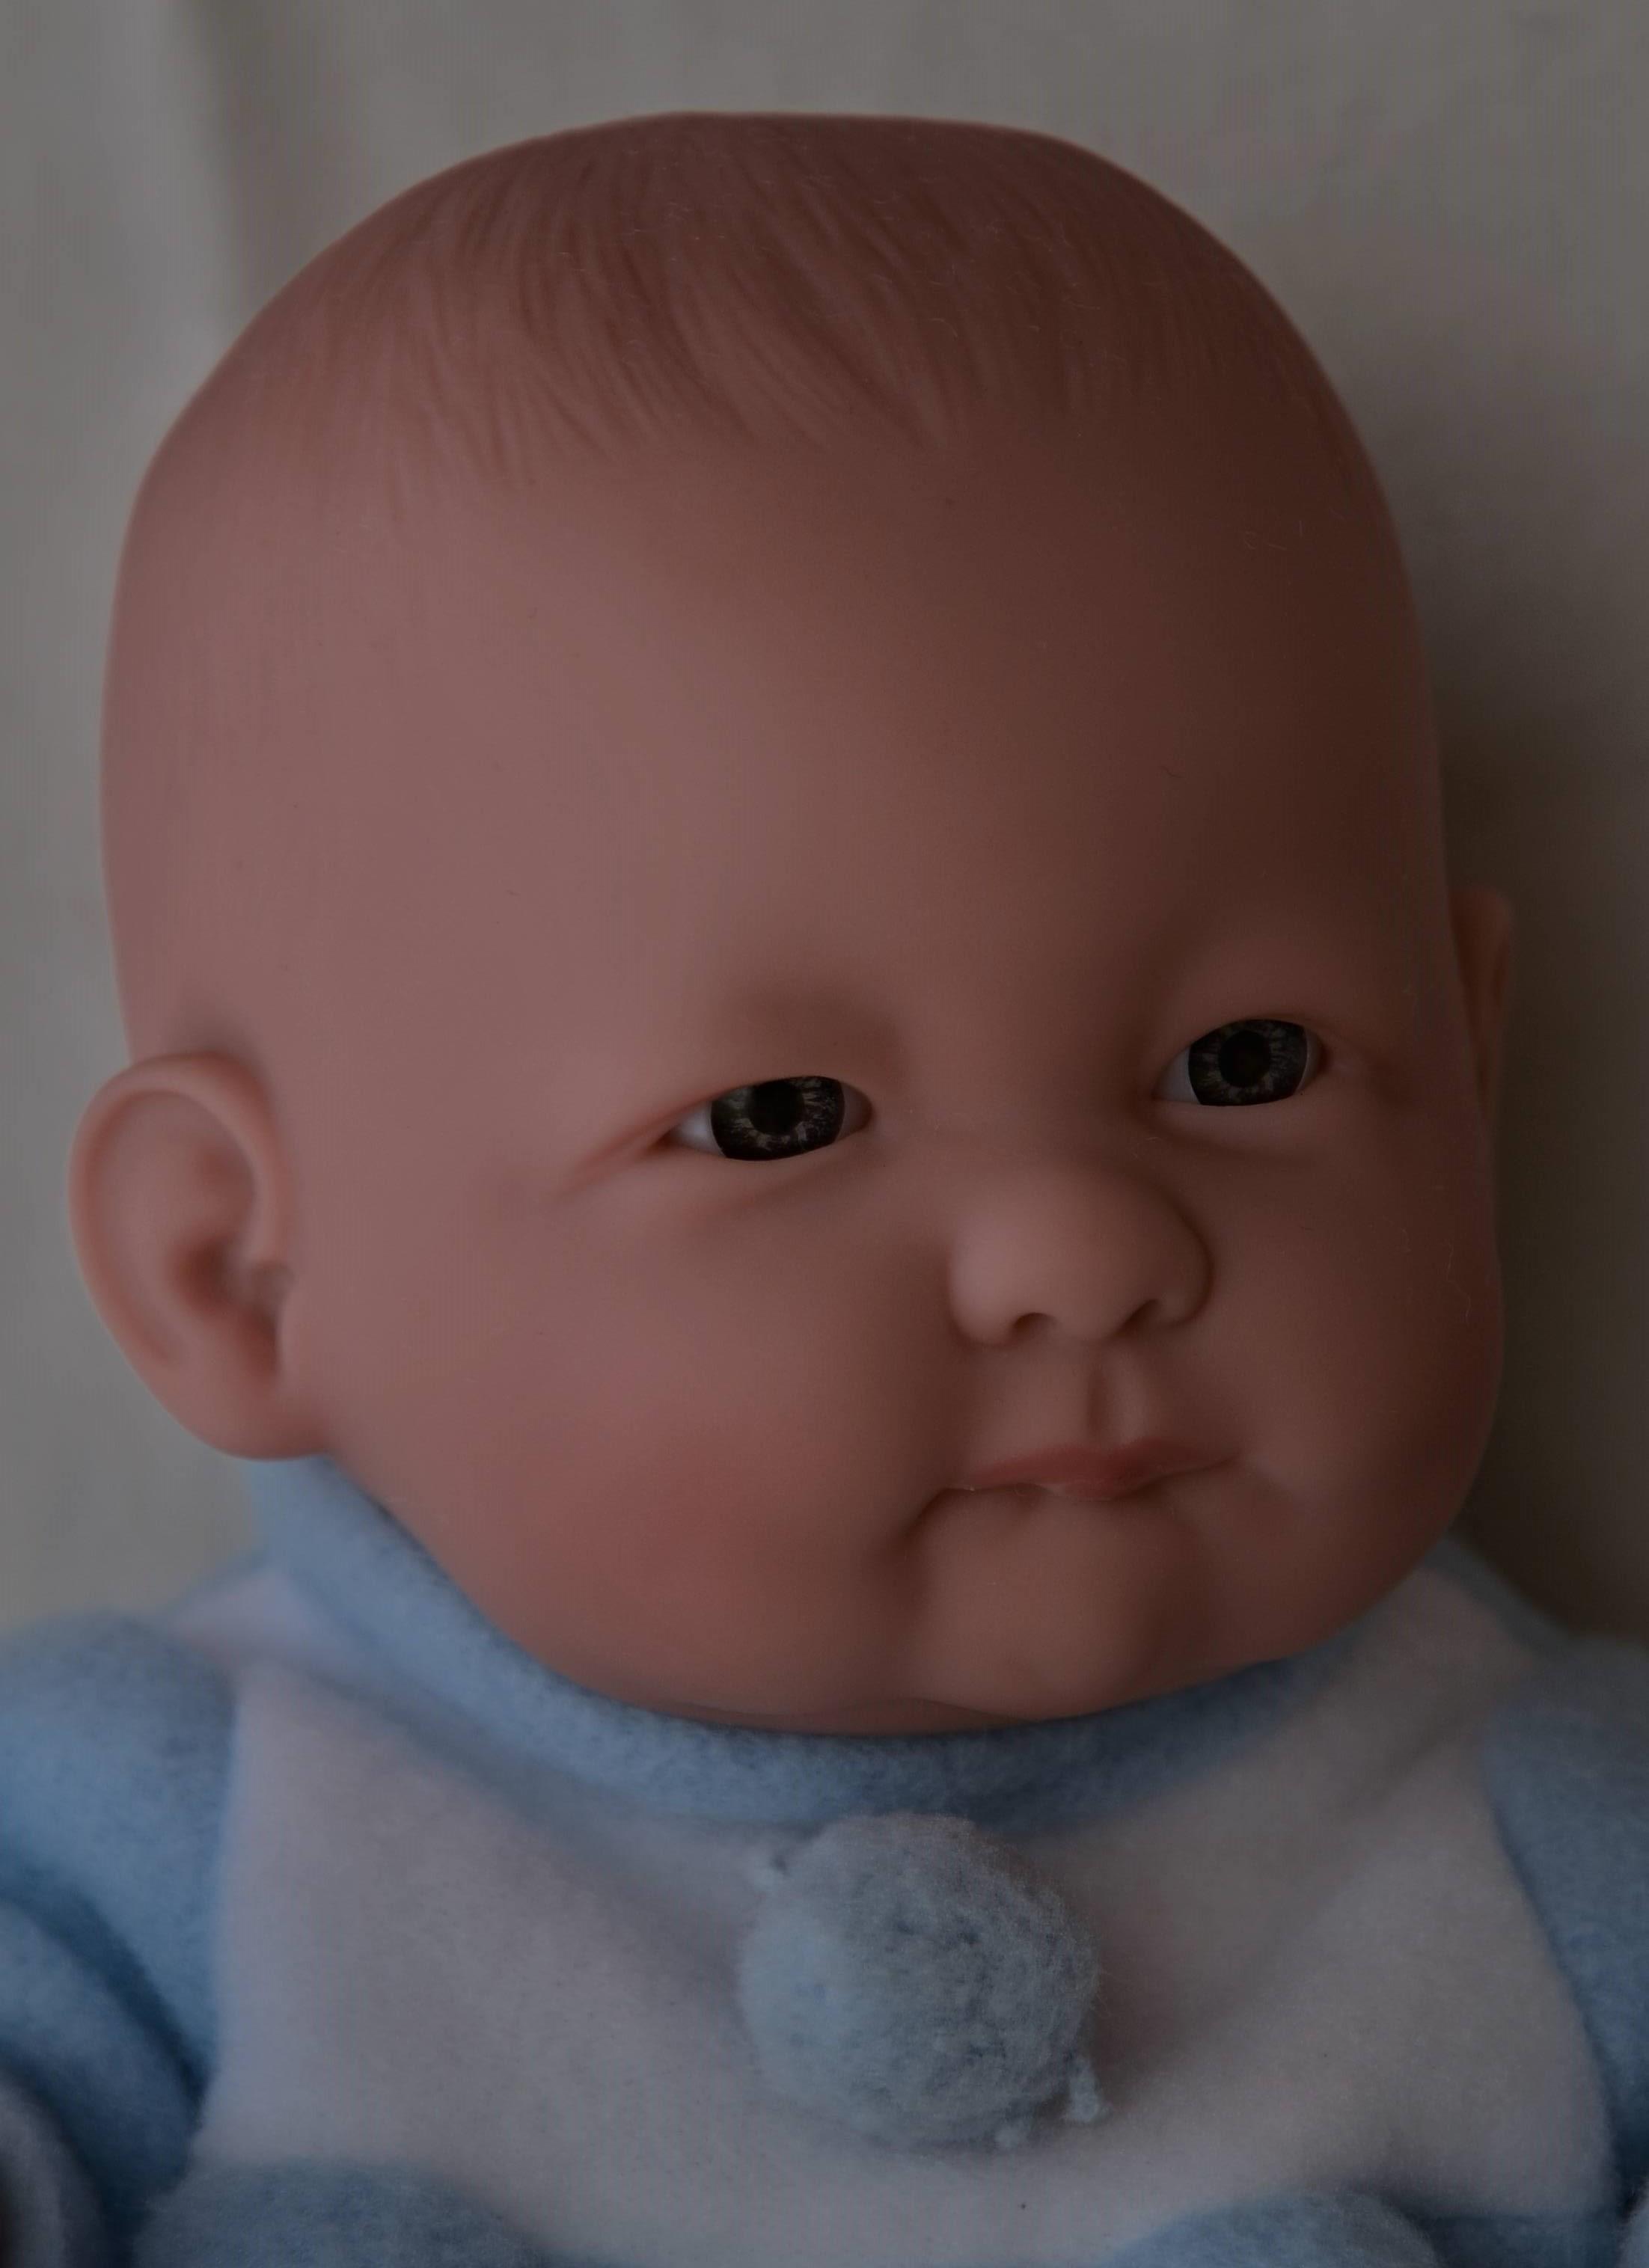 Realistická panenka chlapeček Marek od firmy Guca ze Španělska (Doprava od 35 Kč)